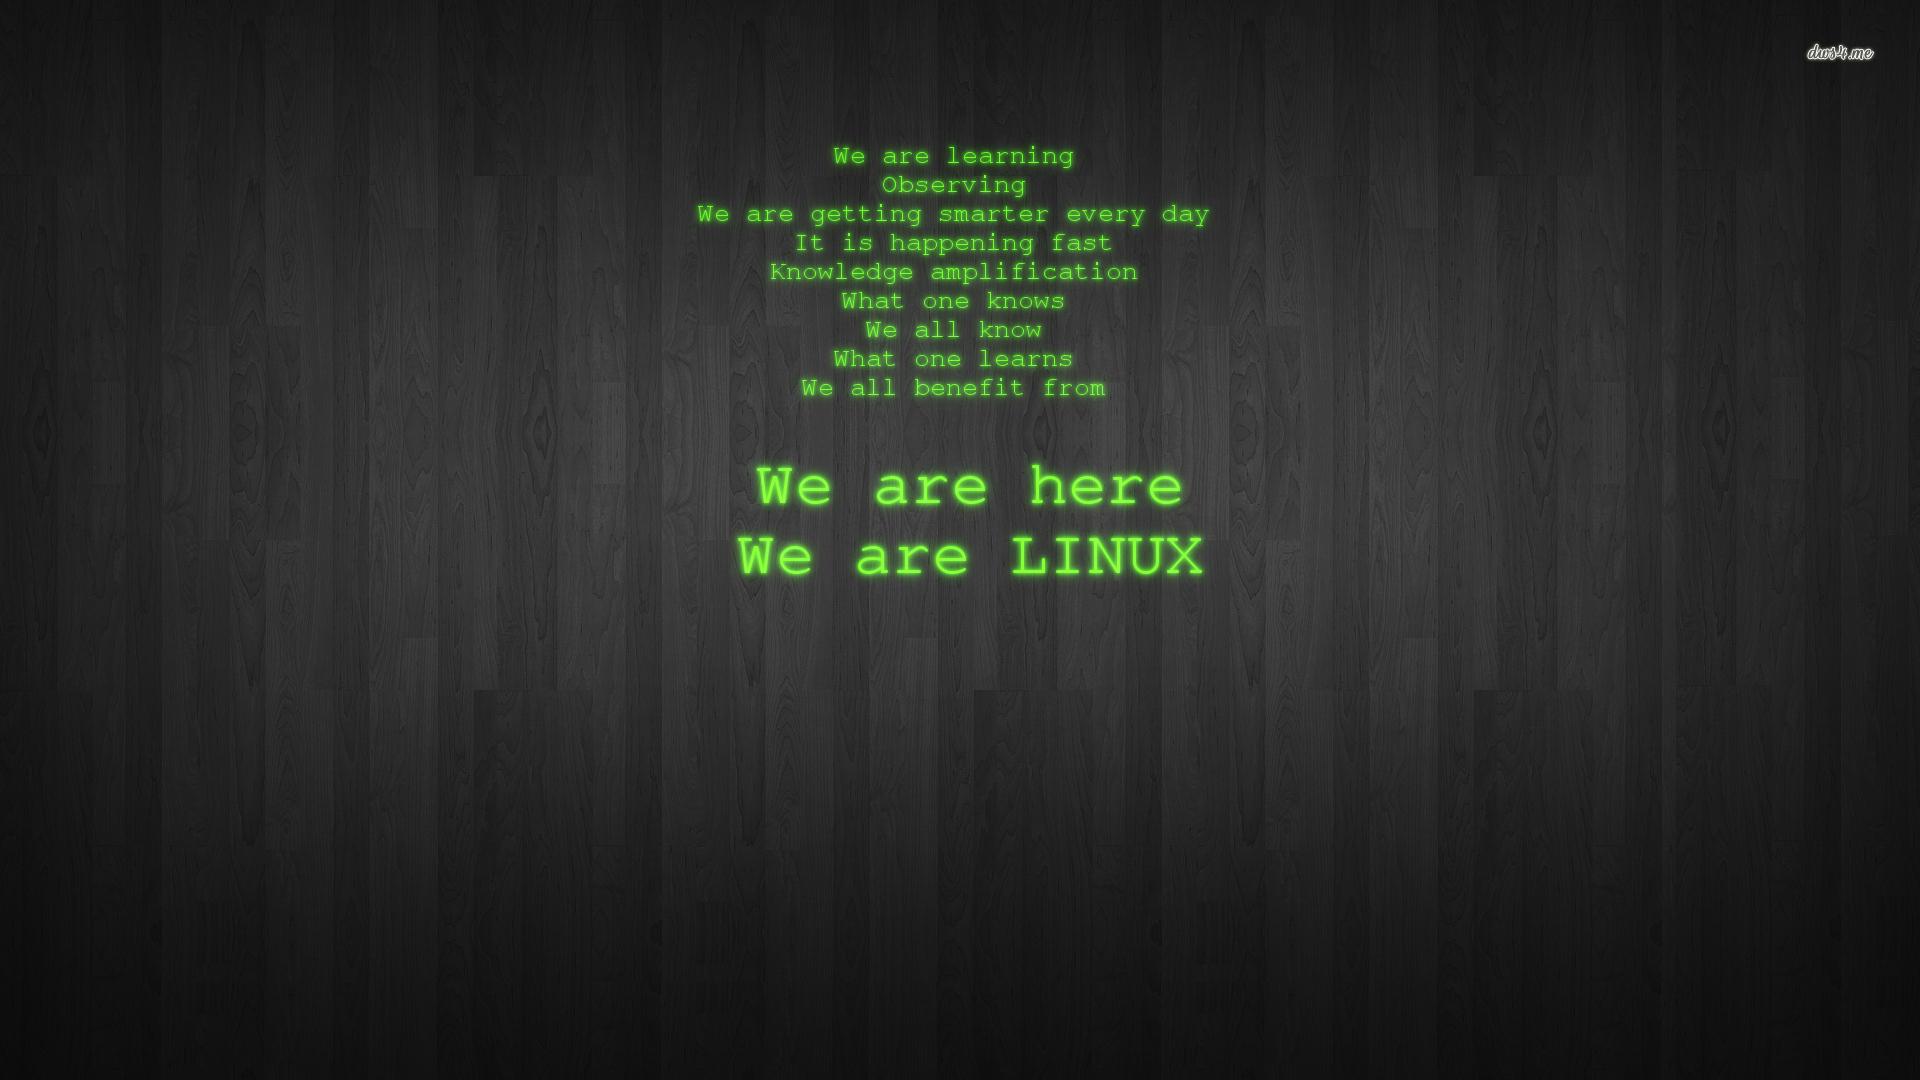 Star Wars Wallpaper Pc Hd Linux Wallpaper 1920x1080 42272